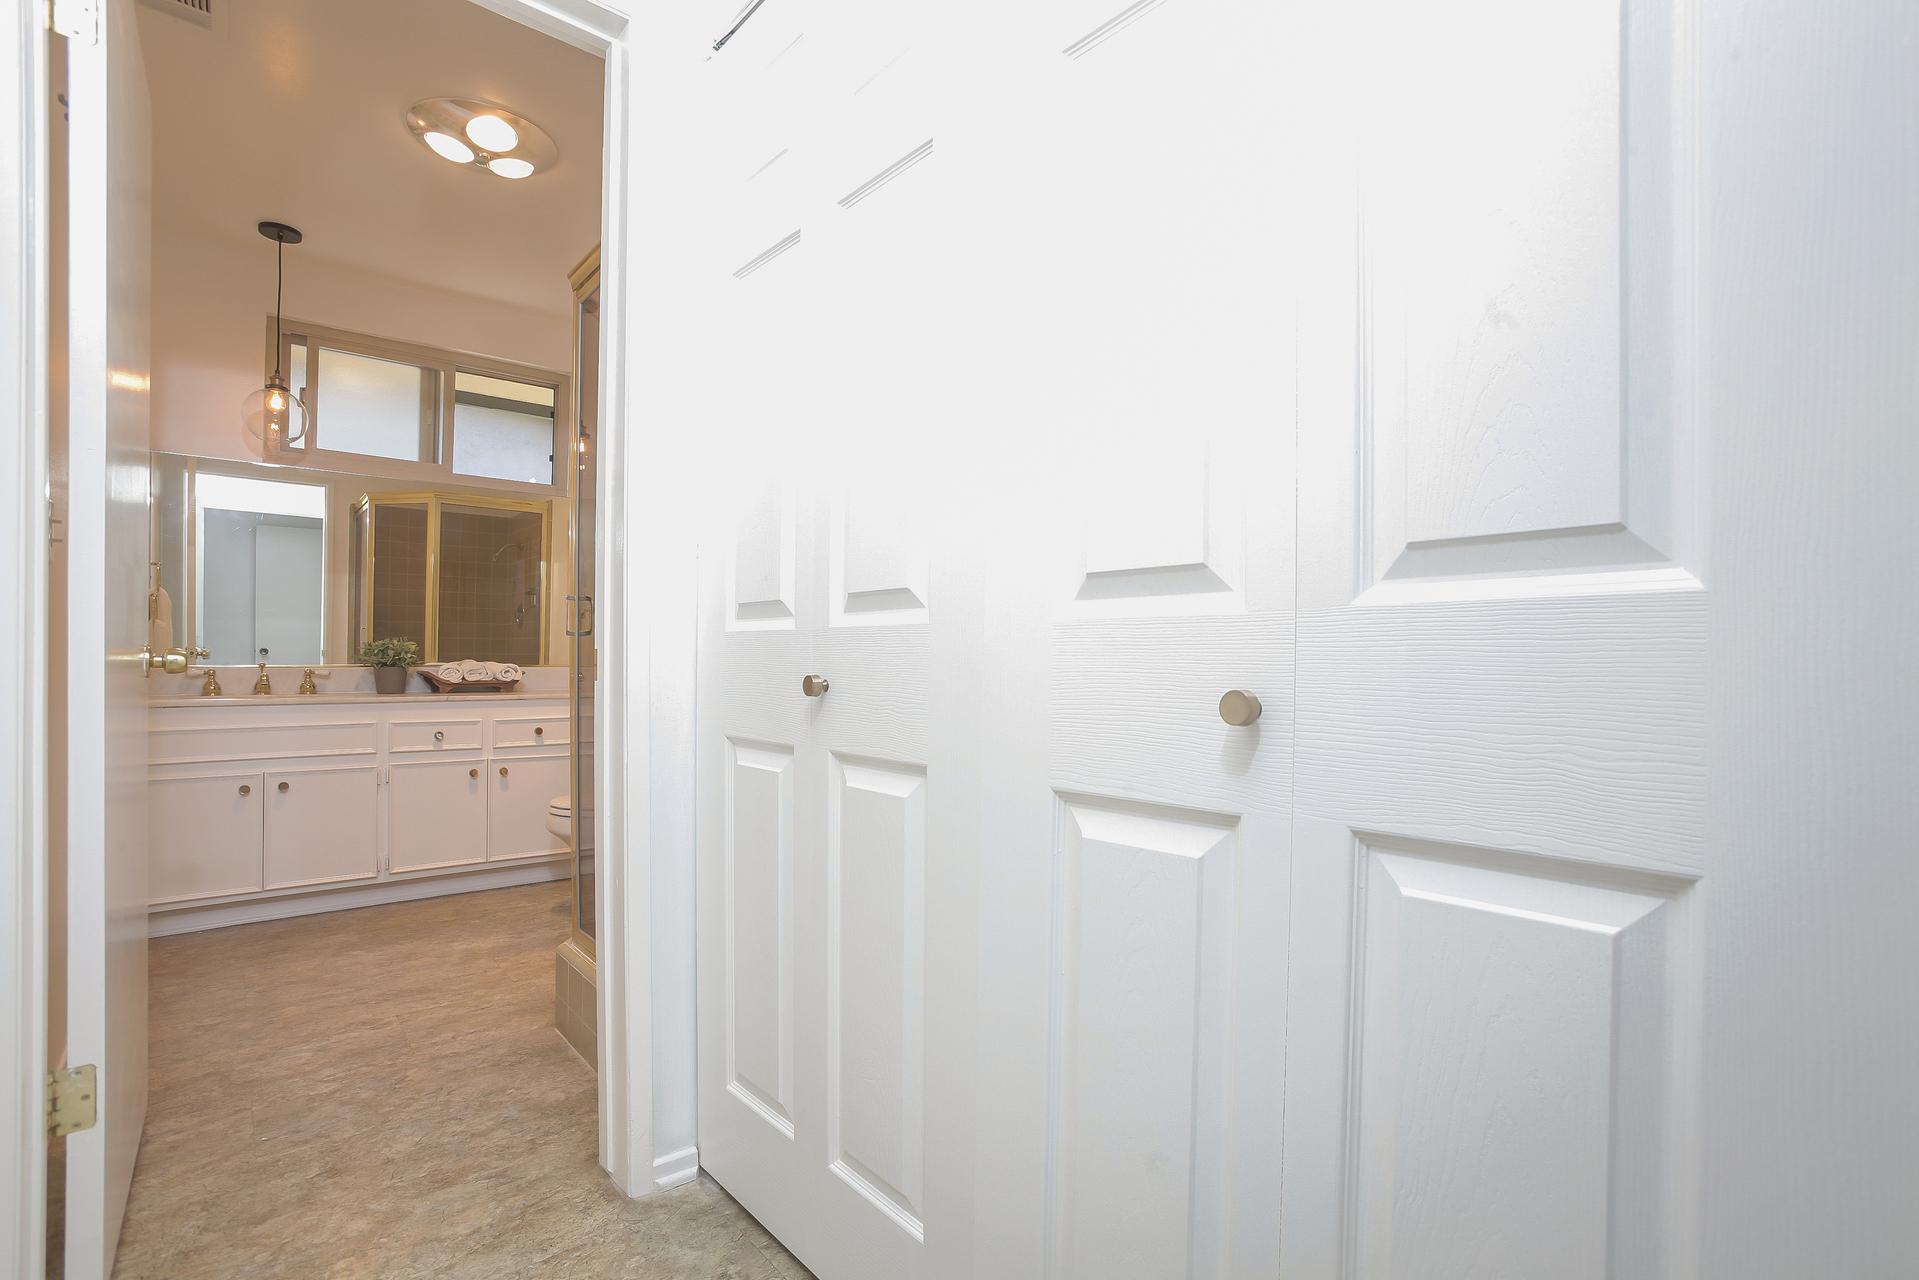 025-Laundry_Room__front_bathroom-4443092-medium.jpg